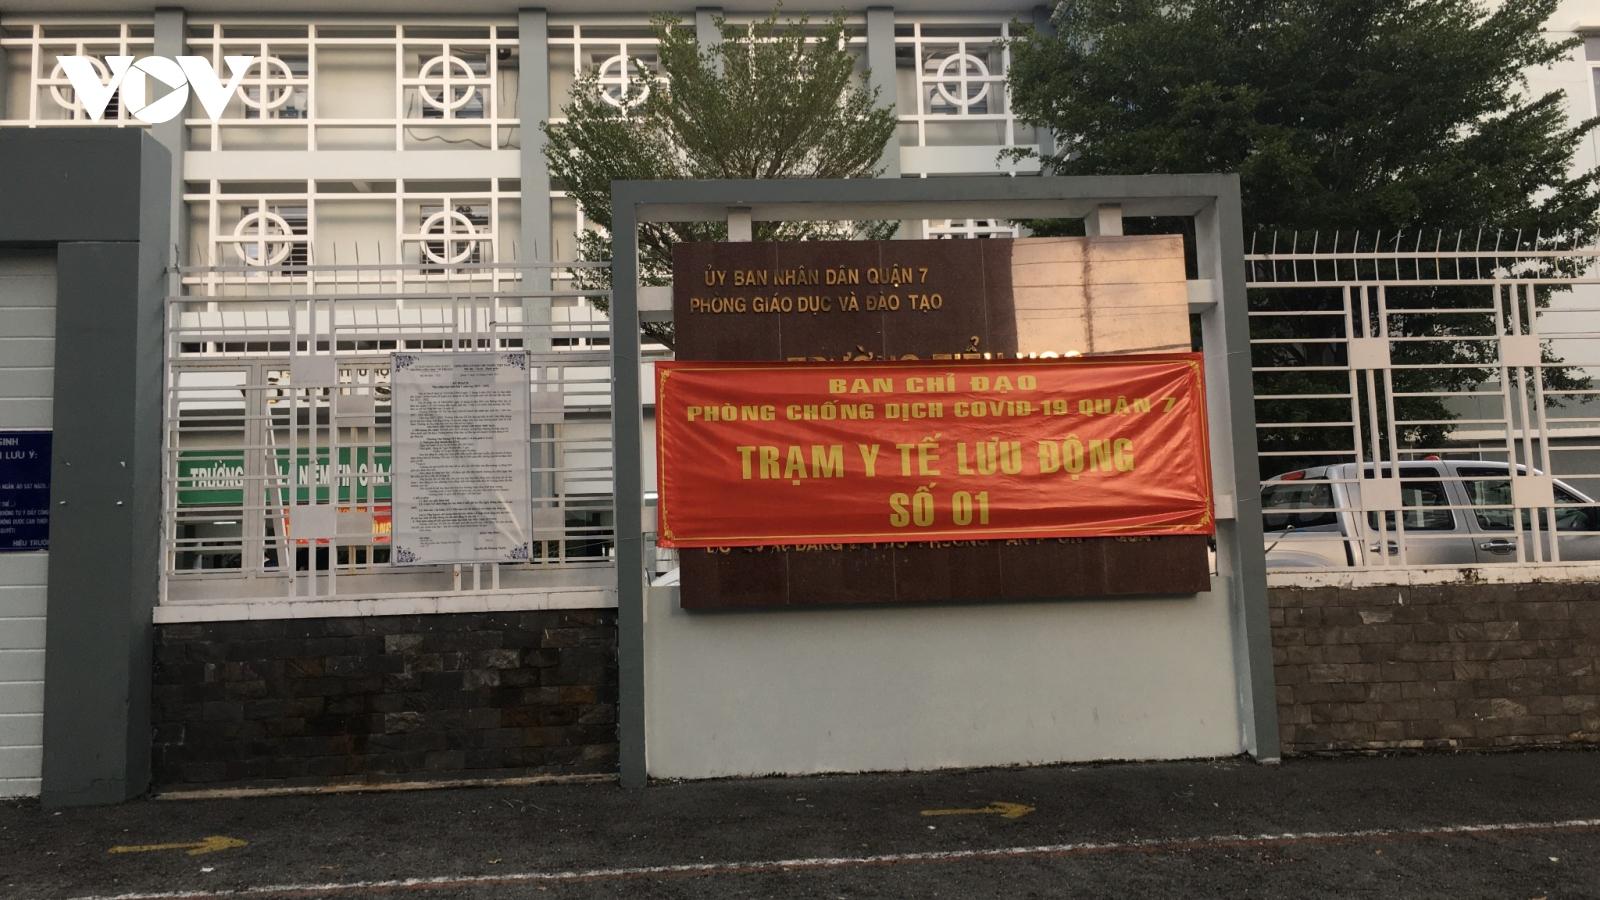 Khánh thành 2 trạm y tế lưu động chăm sóc F0 tại nhà đầu tiên tại TP.HCM